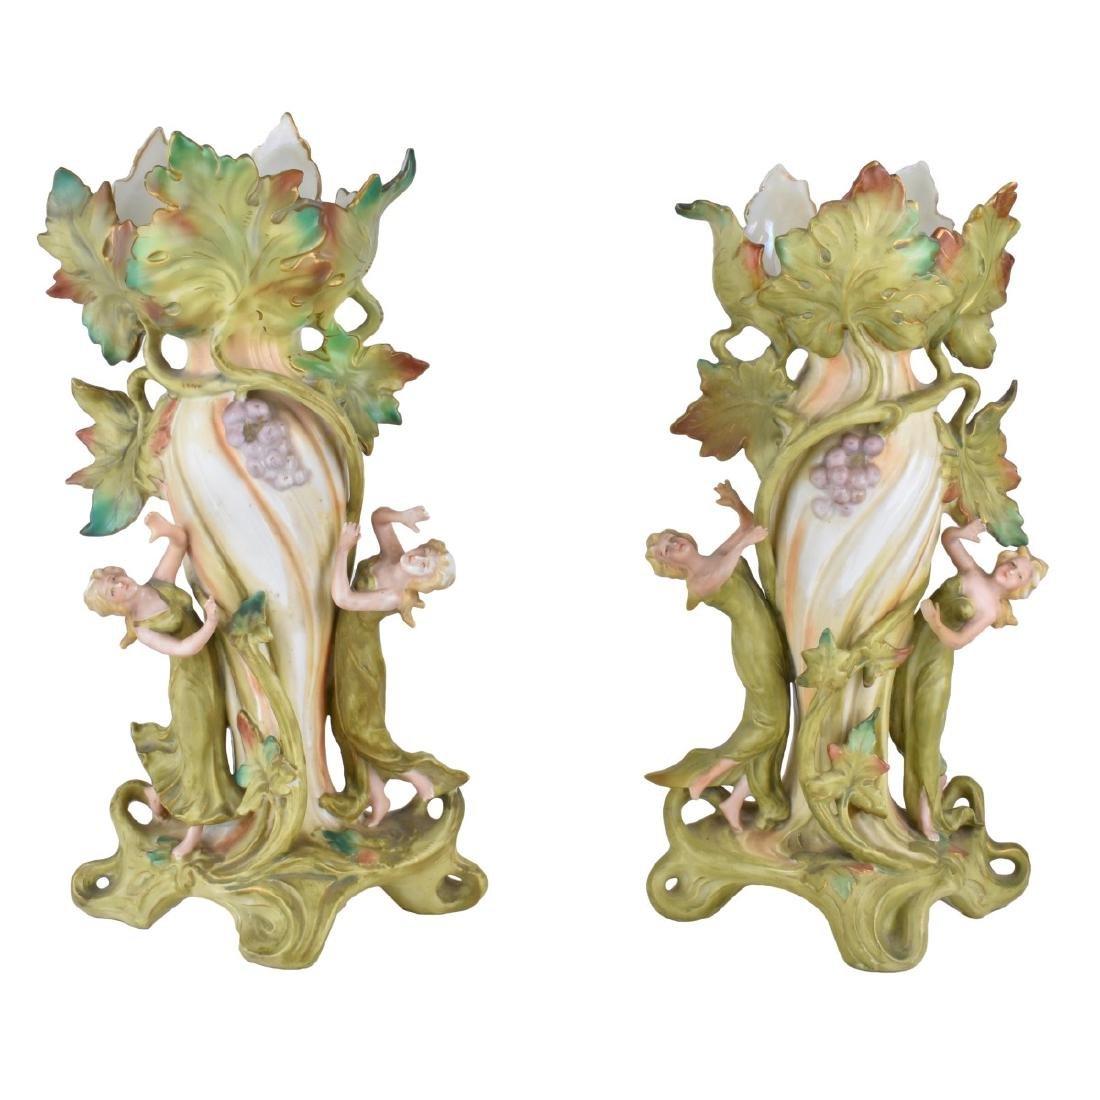 German Art Nouveau Figural Porcelain Vases